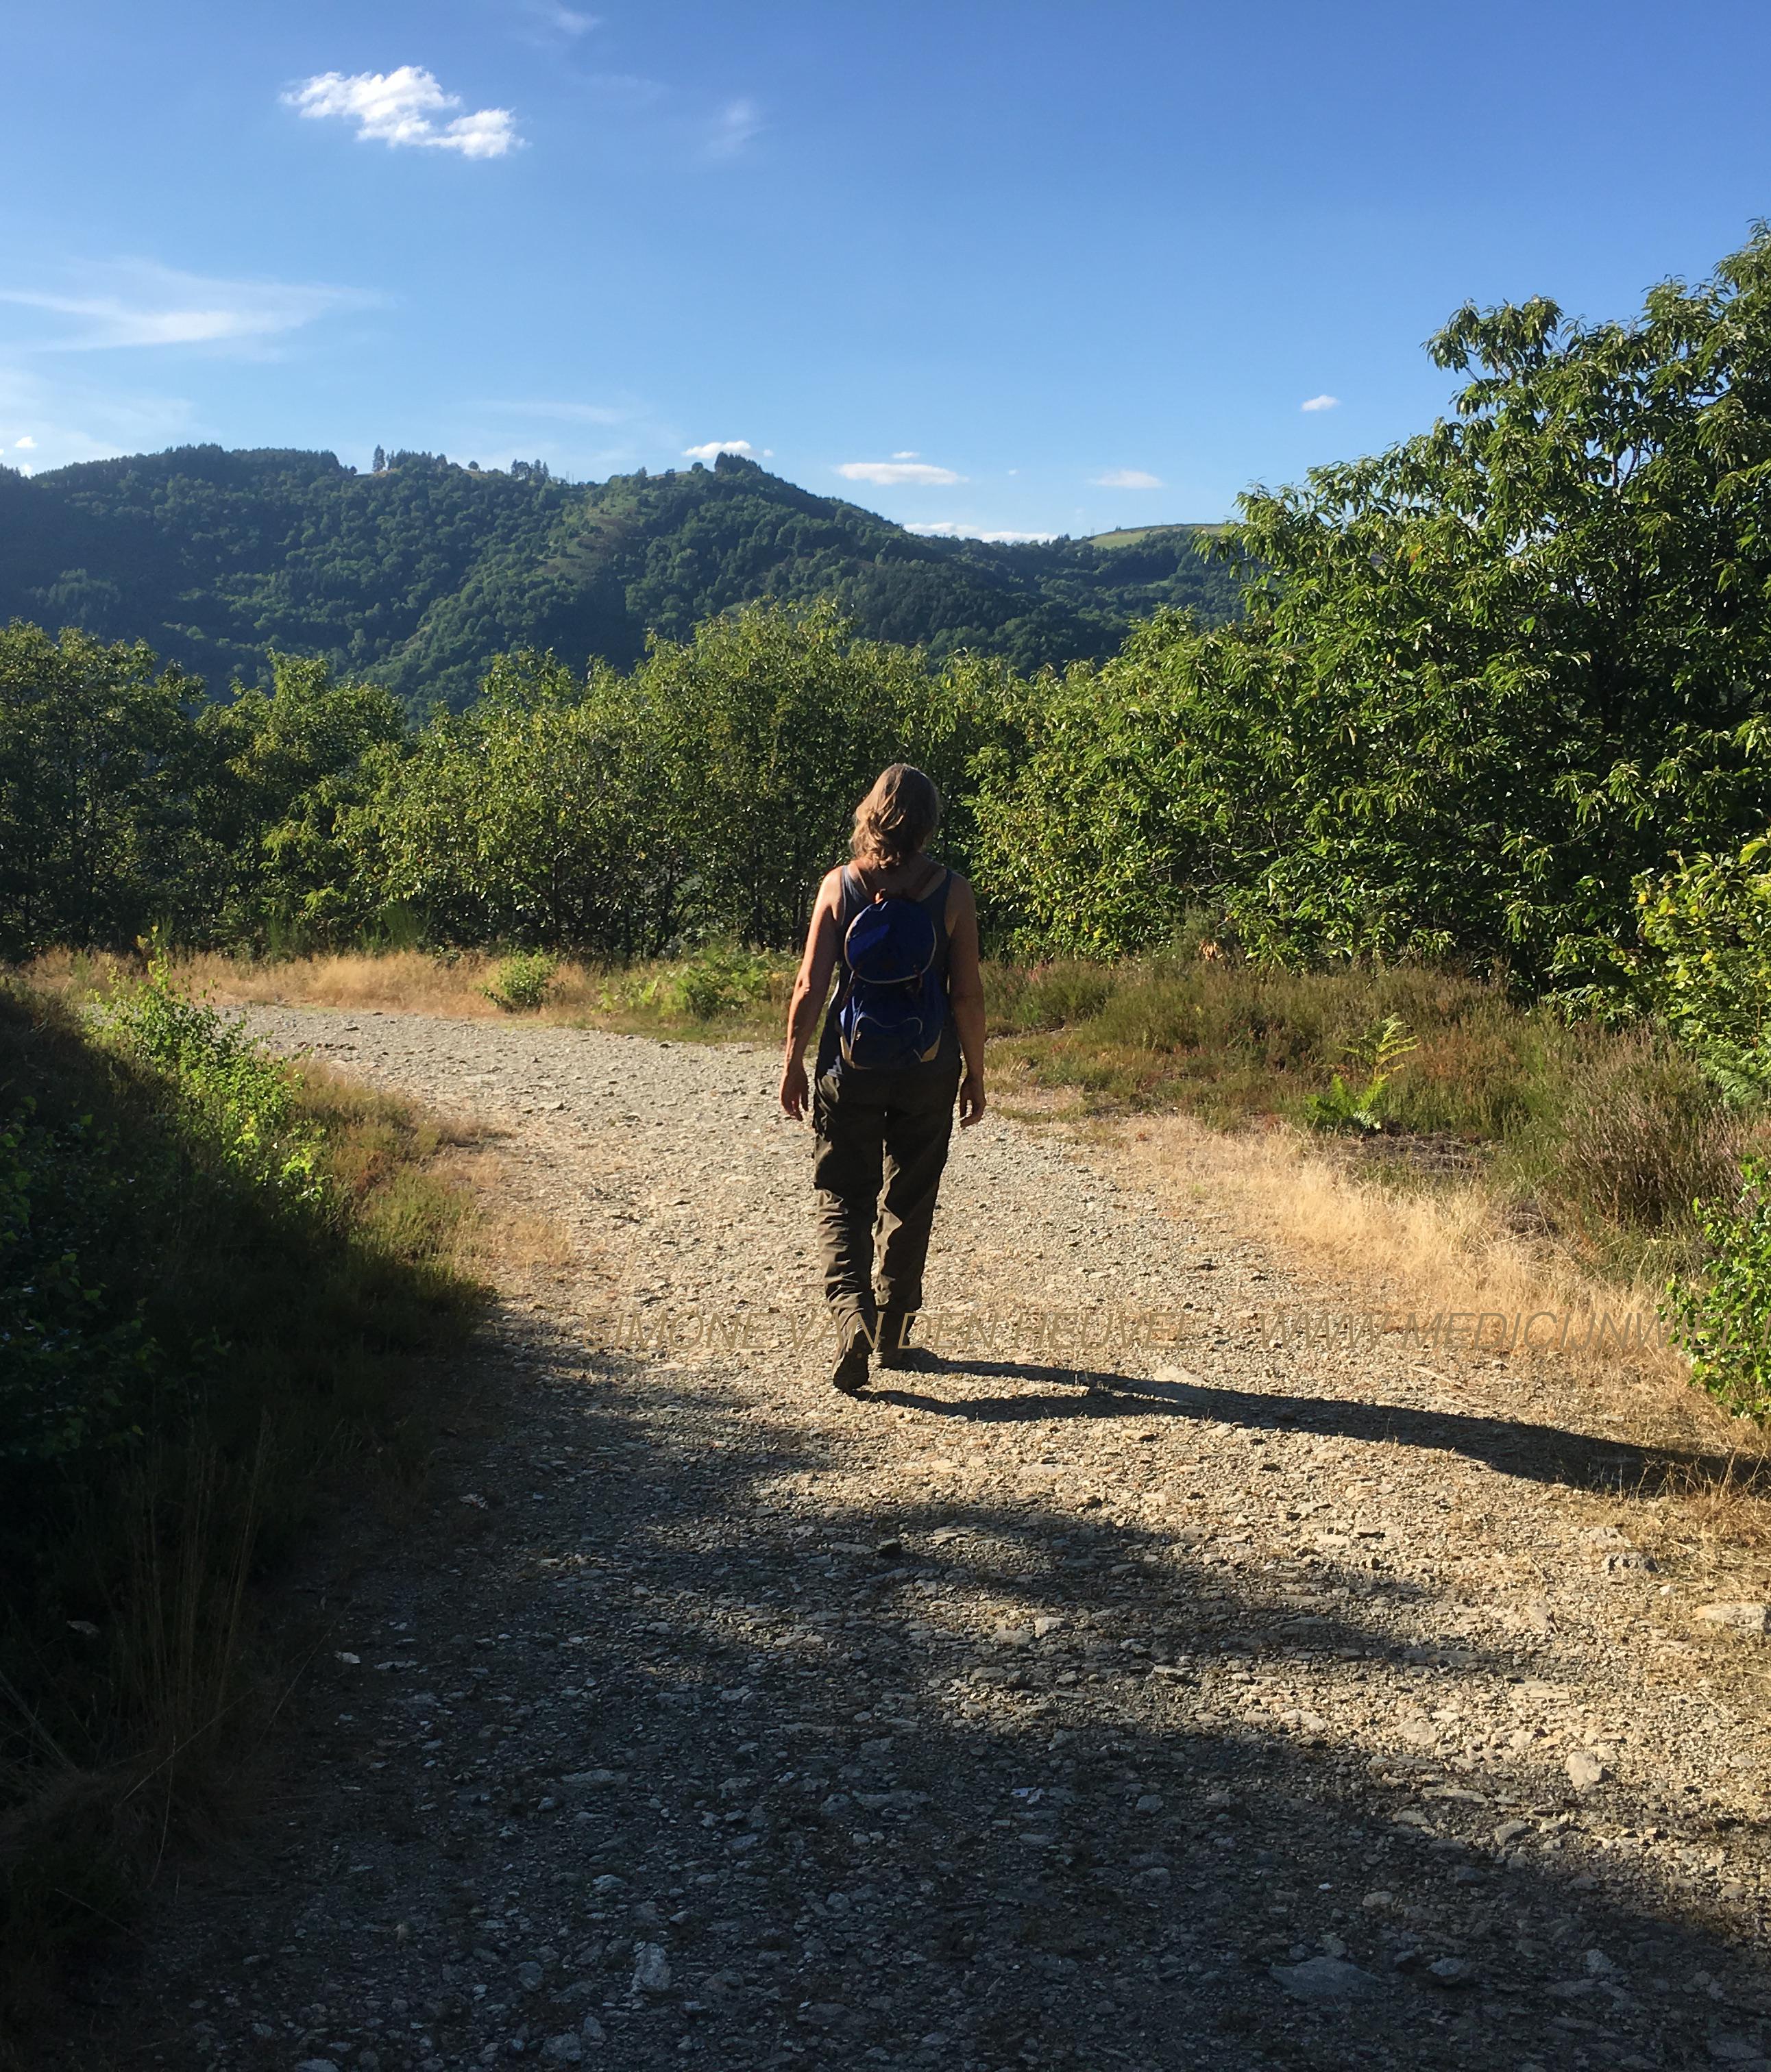 Simone van den Heuvel, geneeskundige therapeut, wandelt door de bergen